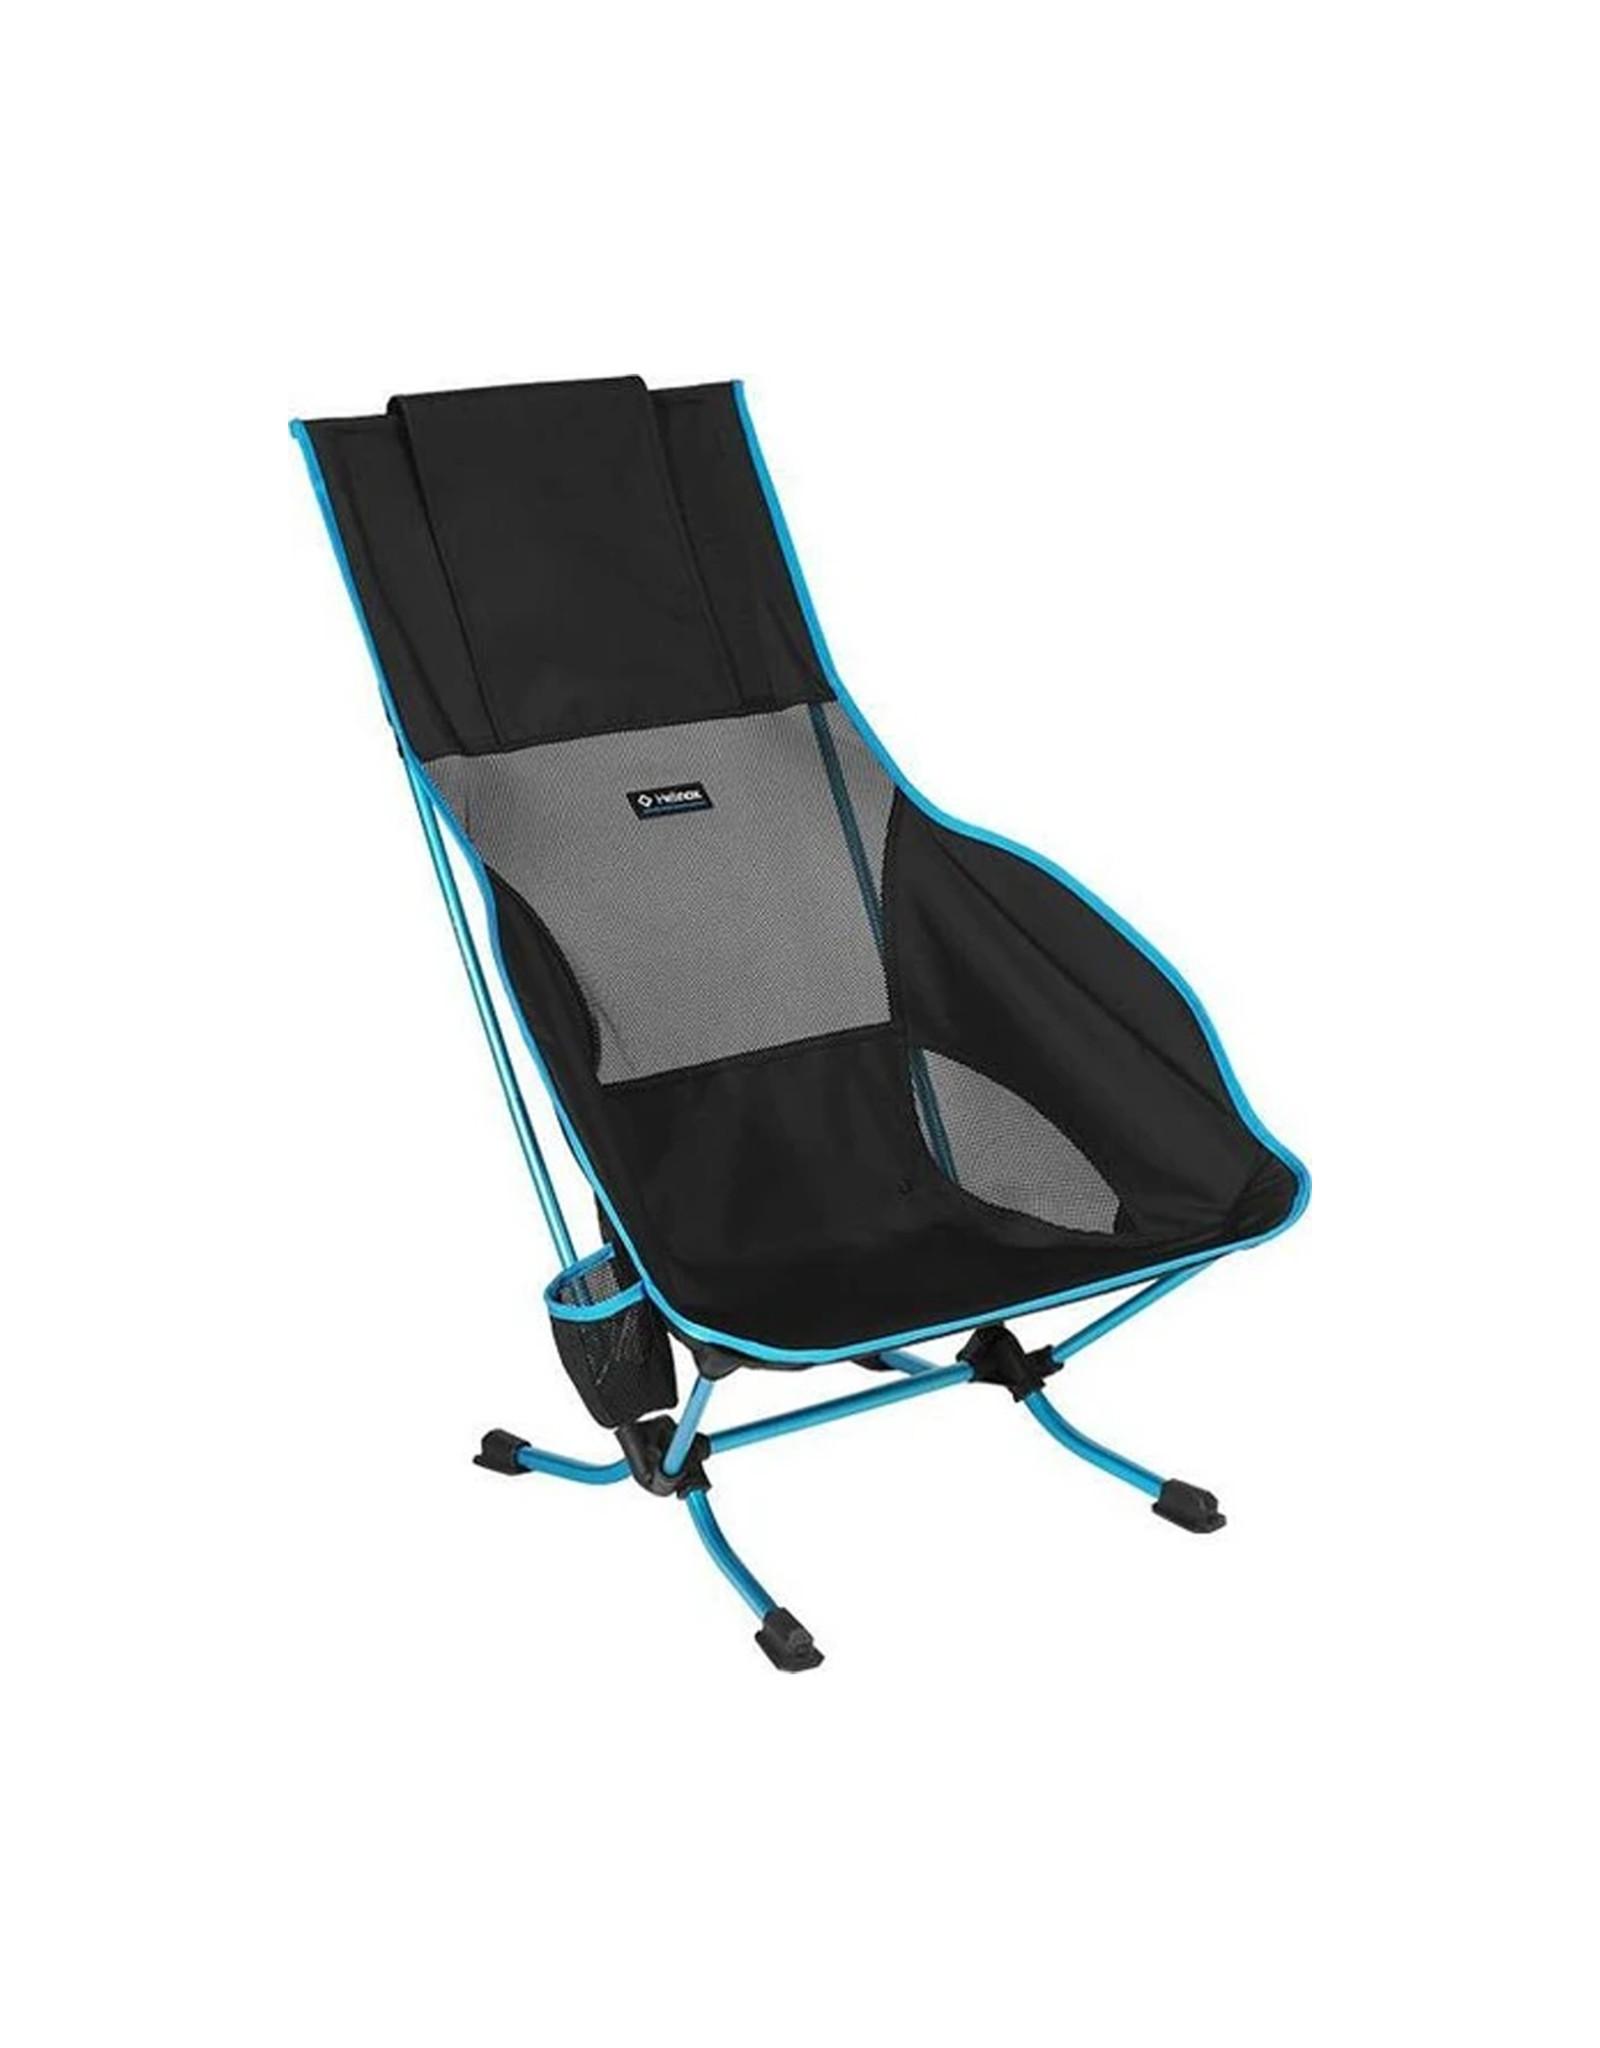 Helinox Helinox Playa Chair - Black